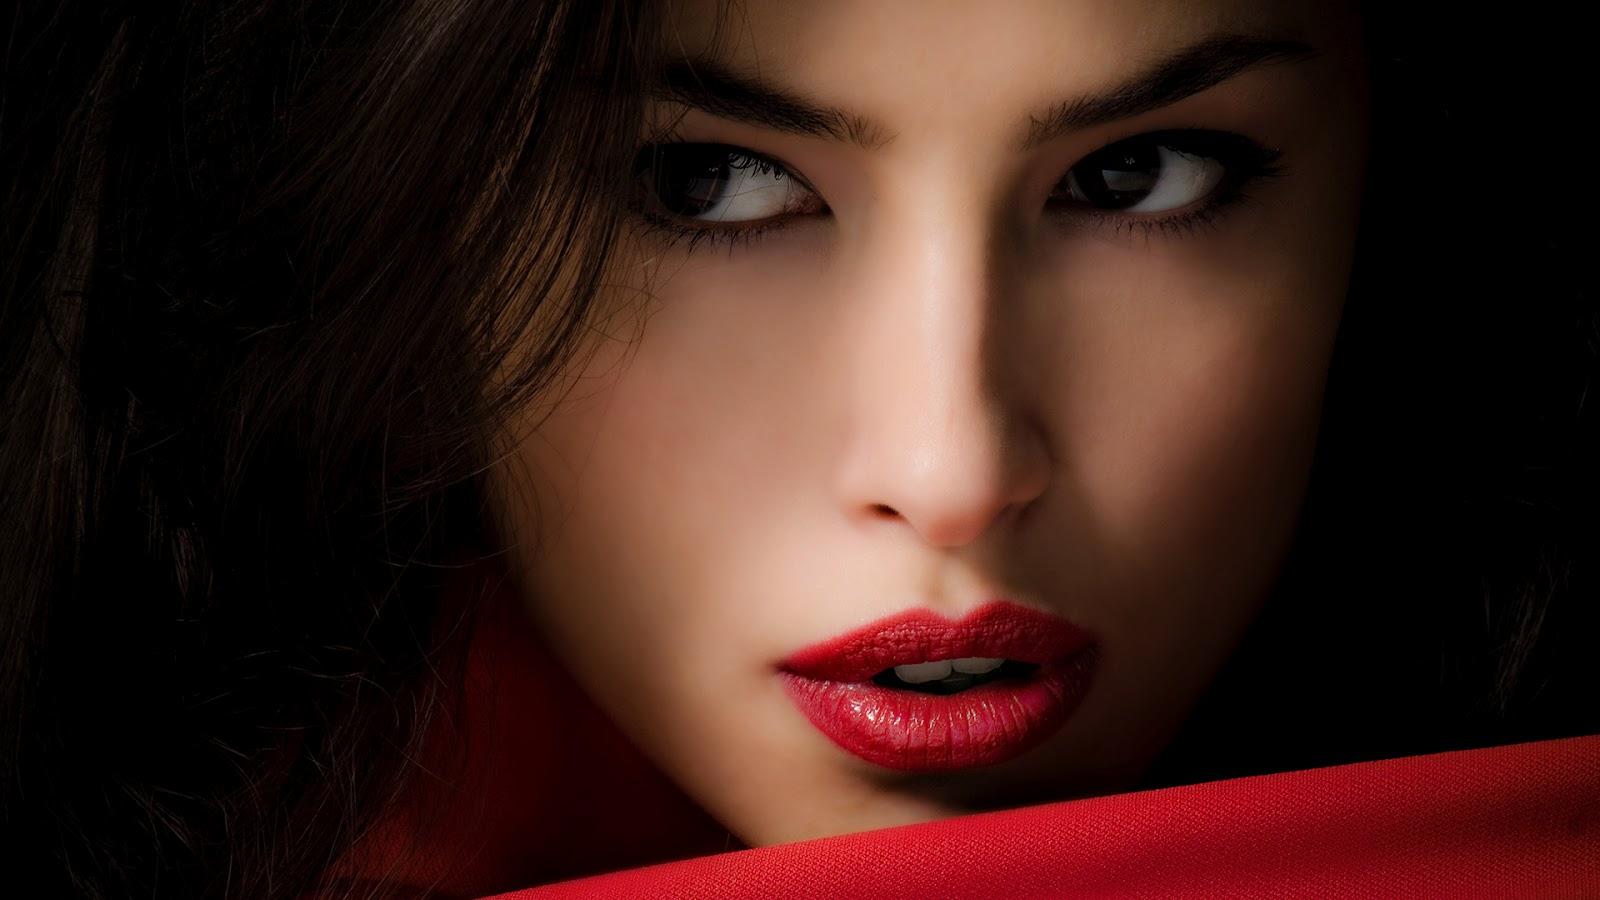 http://1.bp.blogspot.com/-zM5Kyhn0uLM/T-8gsOrHhDI/AAAAAAAABGo/nyIp0vek8z8/s1600/good+wallpapers+for+girls-3.jpg